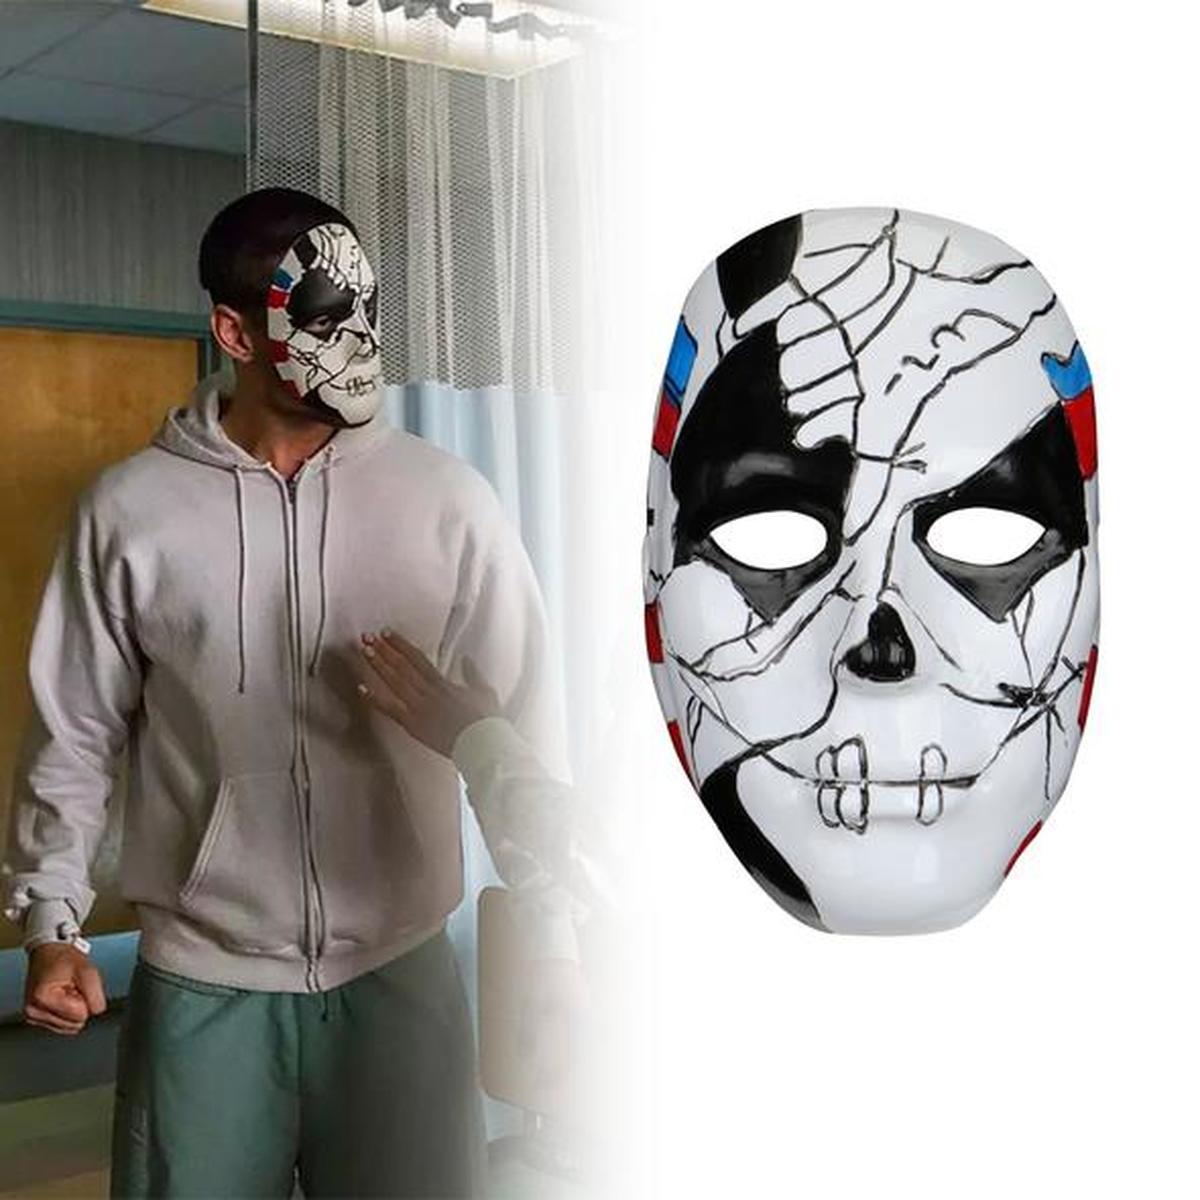 Máscara de demonio fantasma de Halloween The Punisher 2 Billy Russo, máscara de Cosplay, disfraz de plástico, utilería para mascarada, disfraz con capucha, Máscara